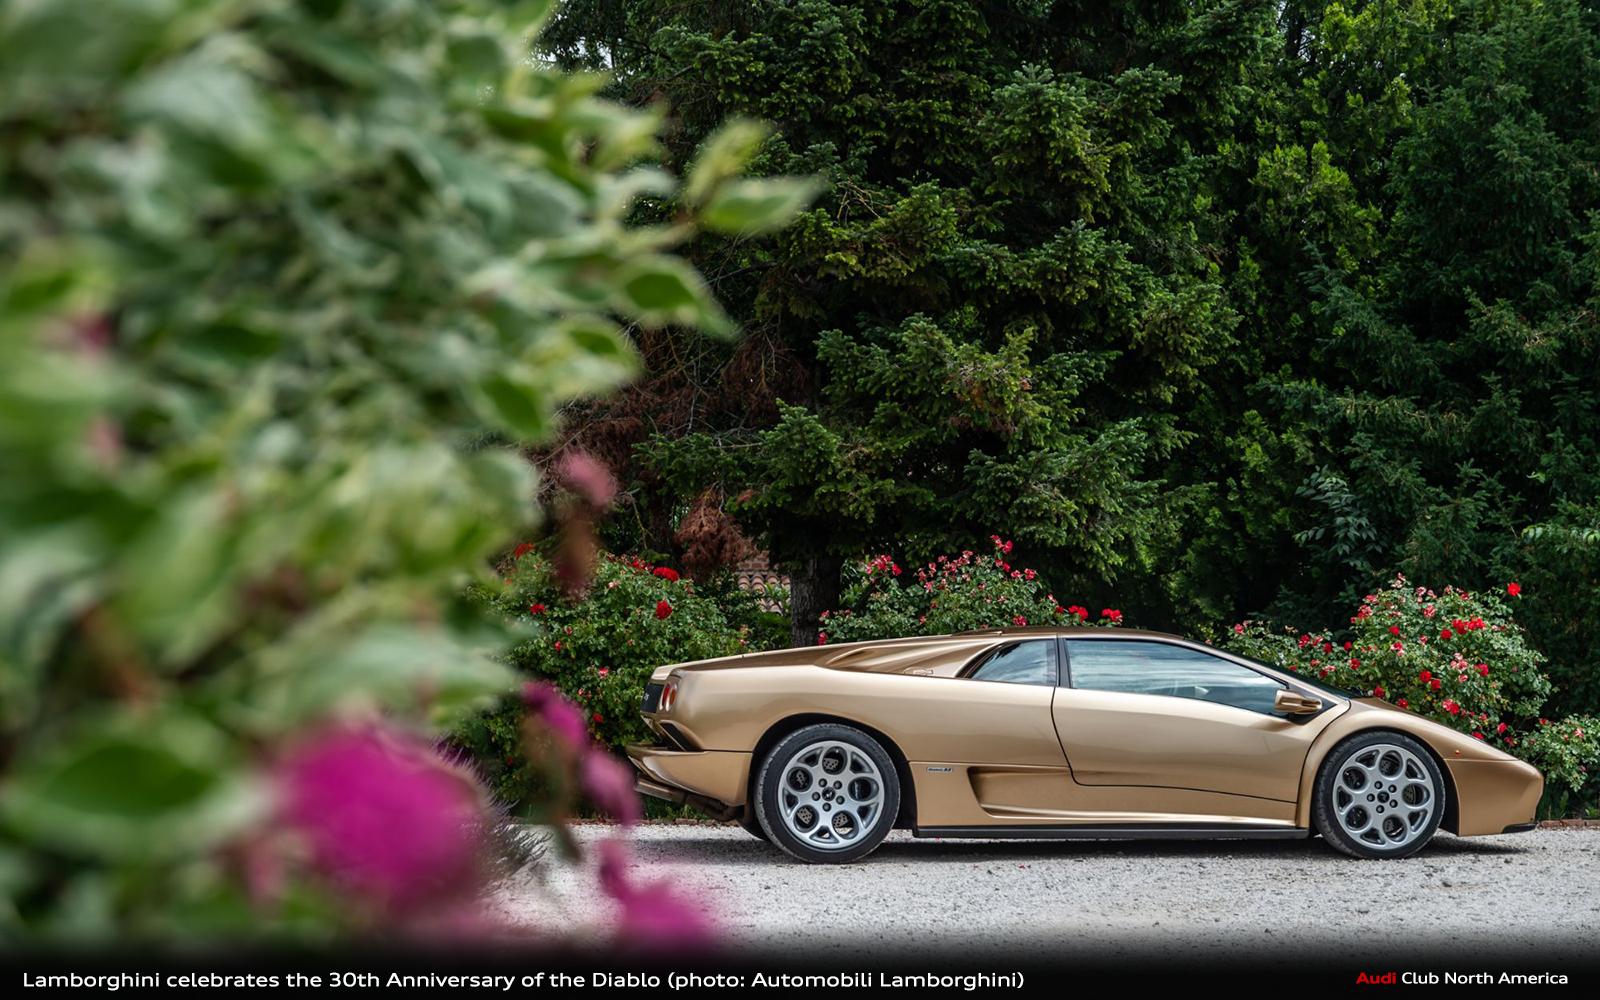 Lamborghini Celebrates the 30th Anniversary of the Diablo